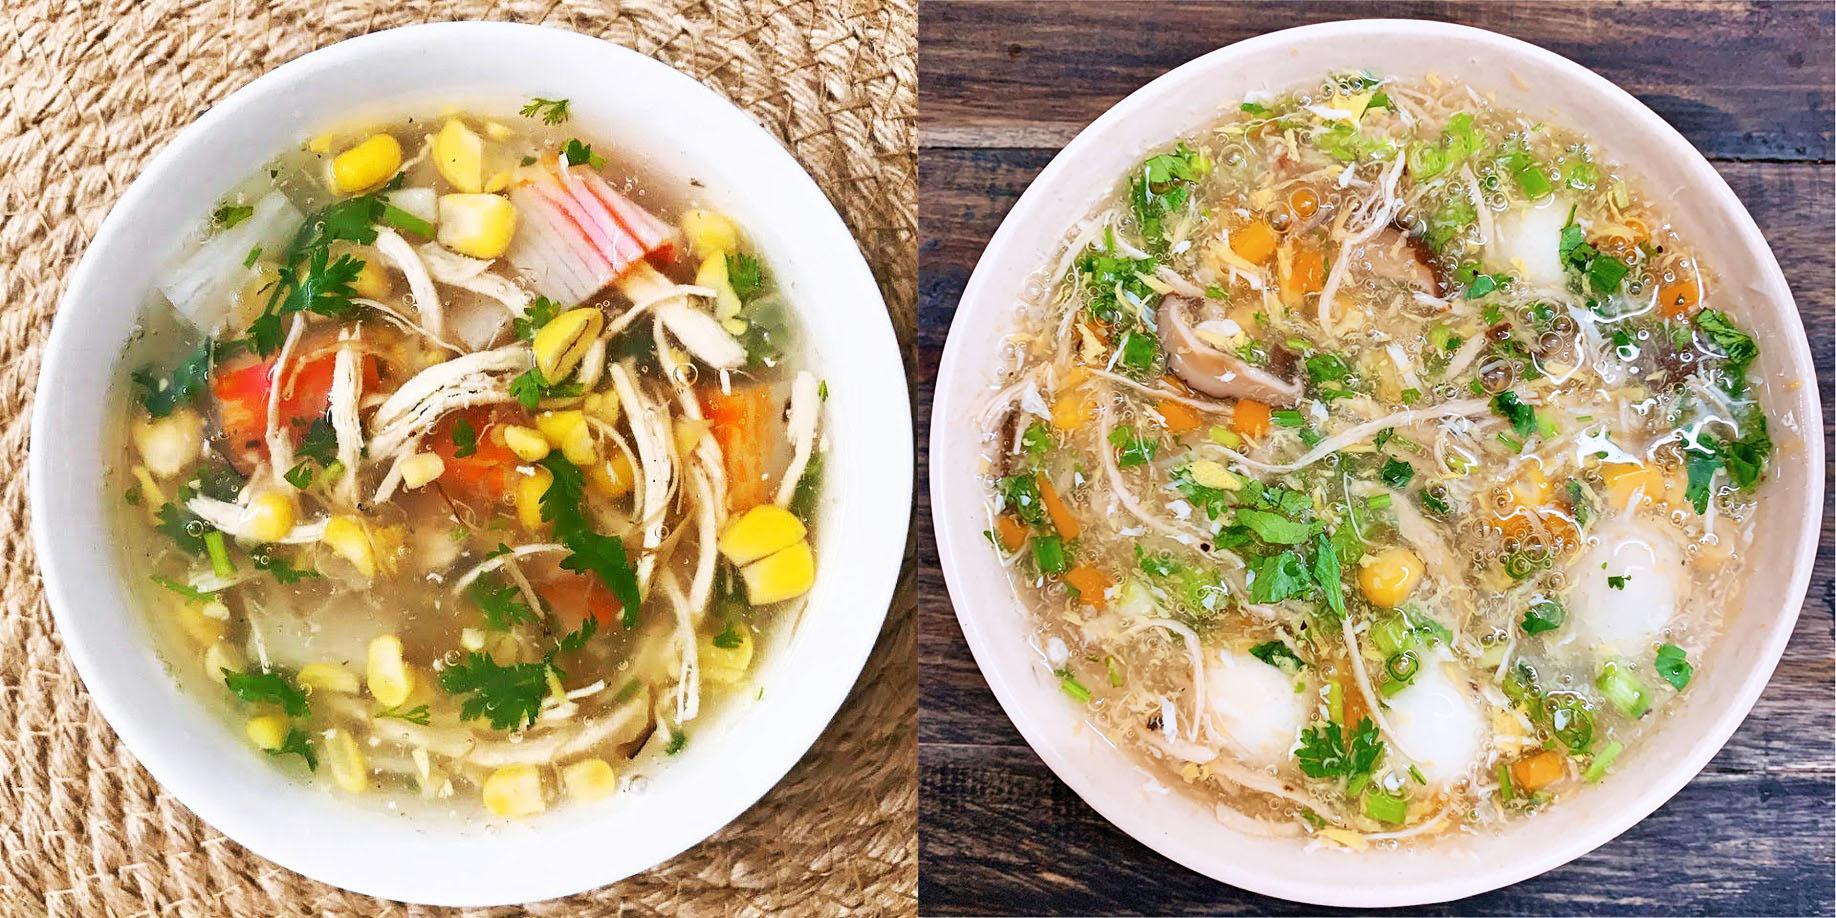 Công thức 2 món súp gà đậm đà, vị ngon ngọt tự nhiên